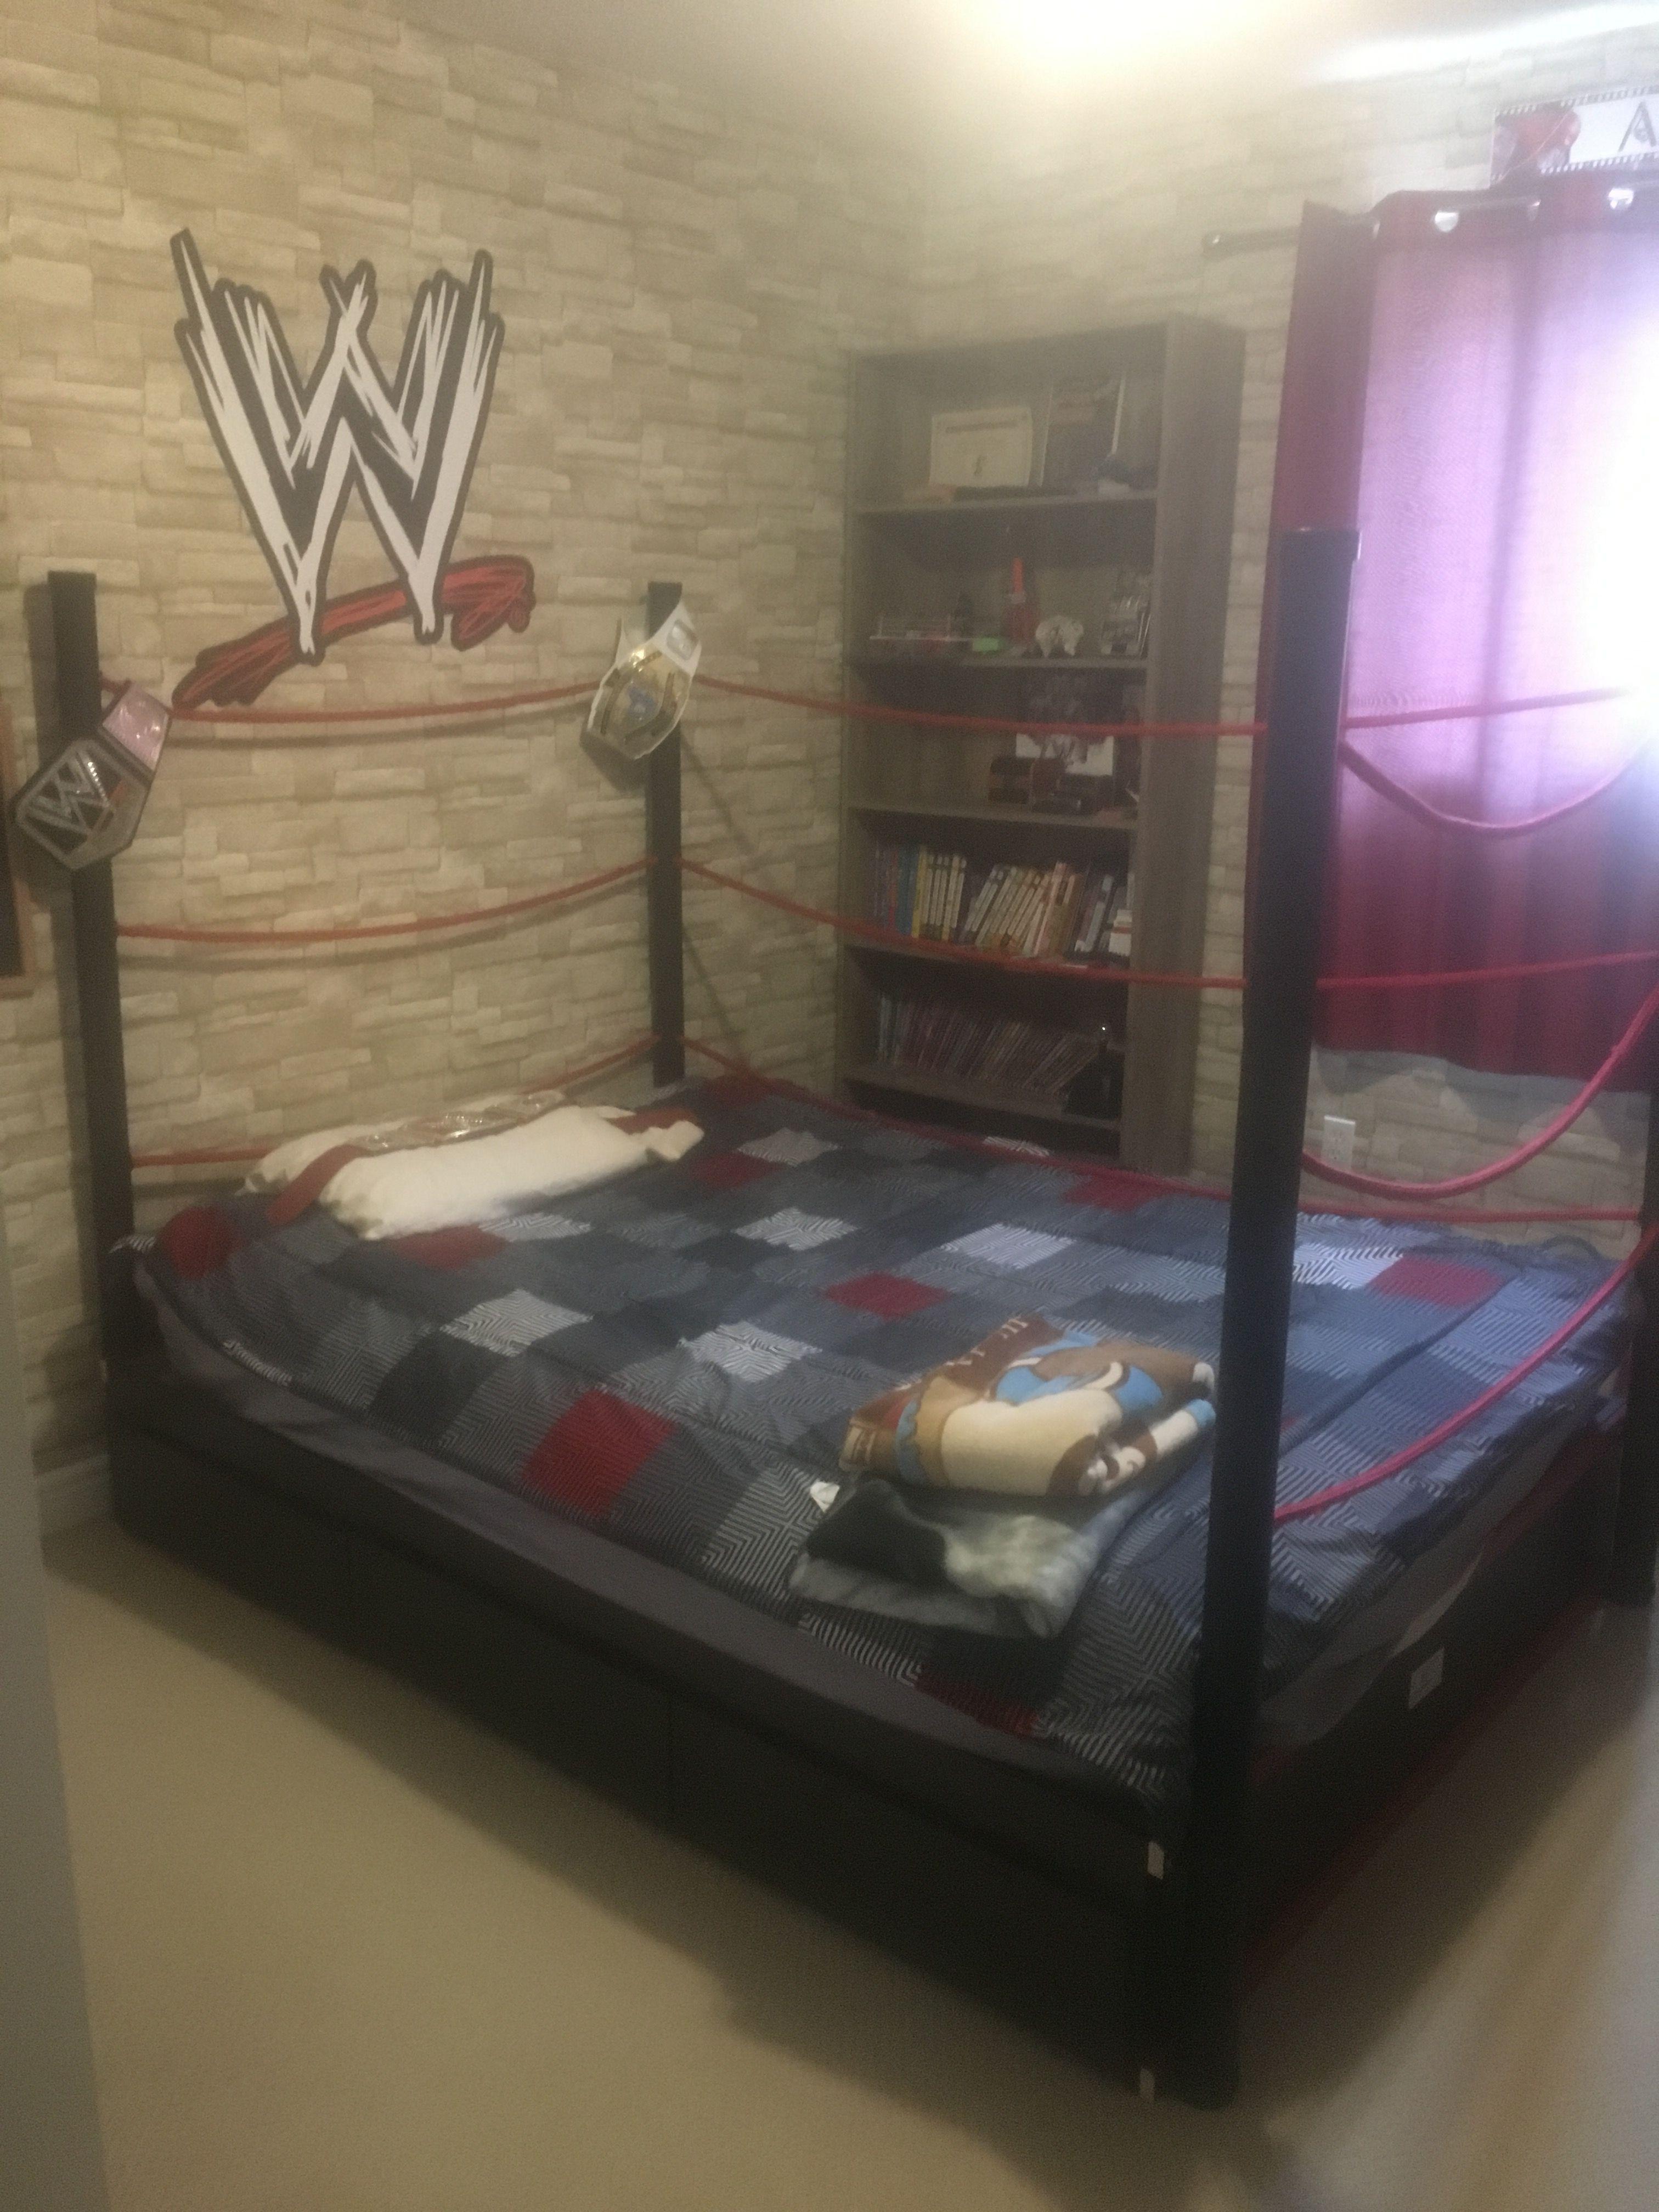 Wrestling Room Design: Wwe Wrestling Bed That I Made For My Grandson